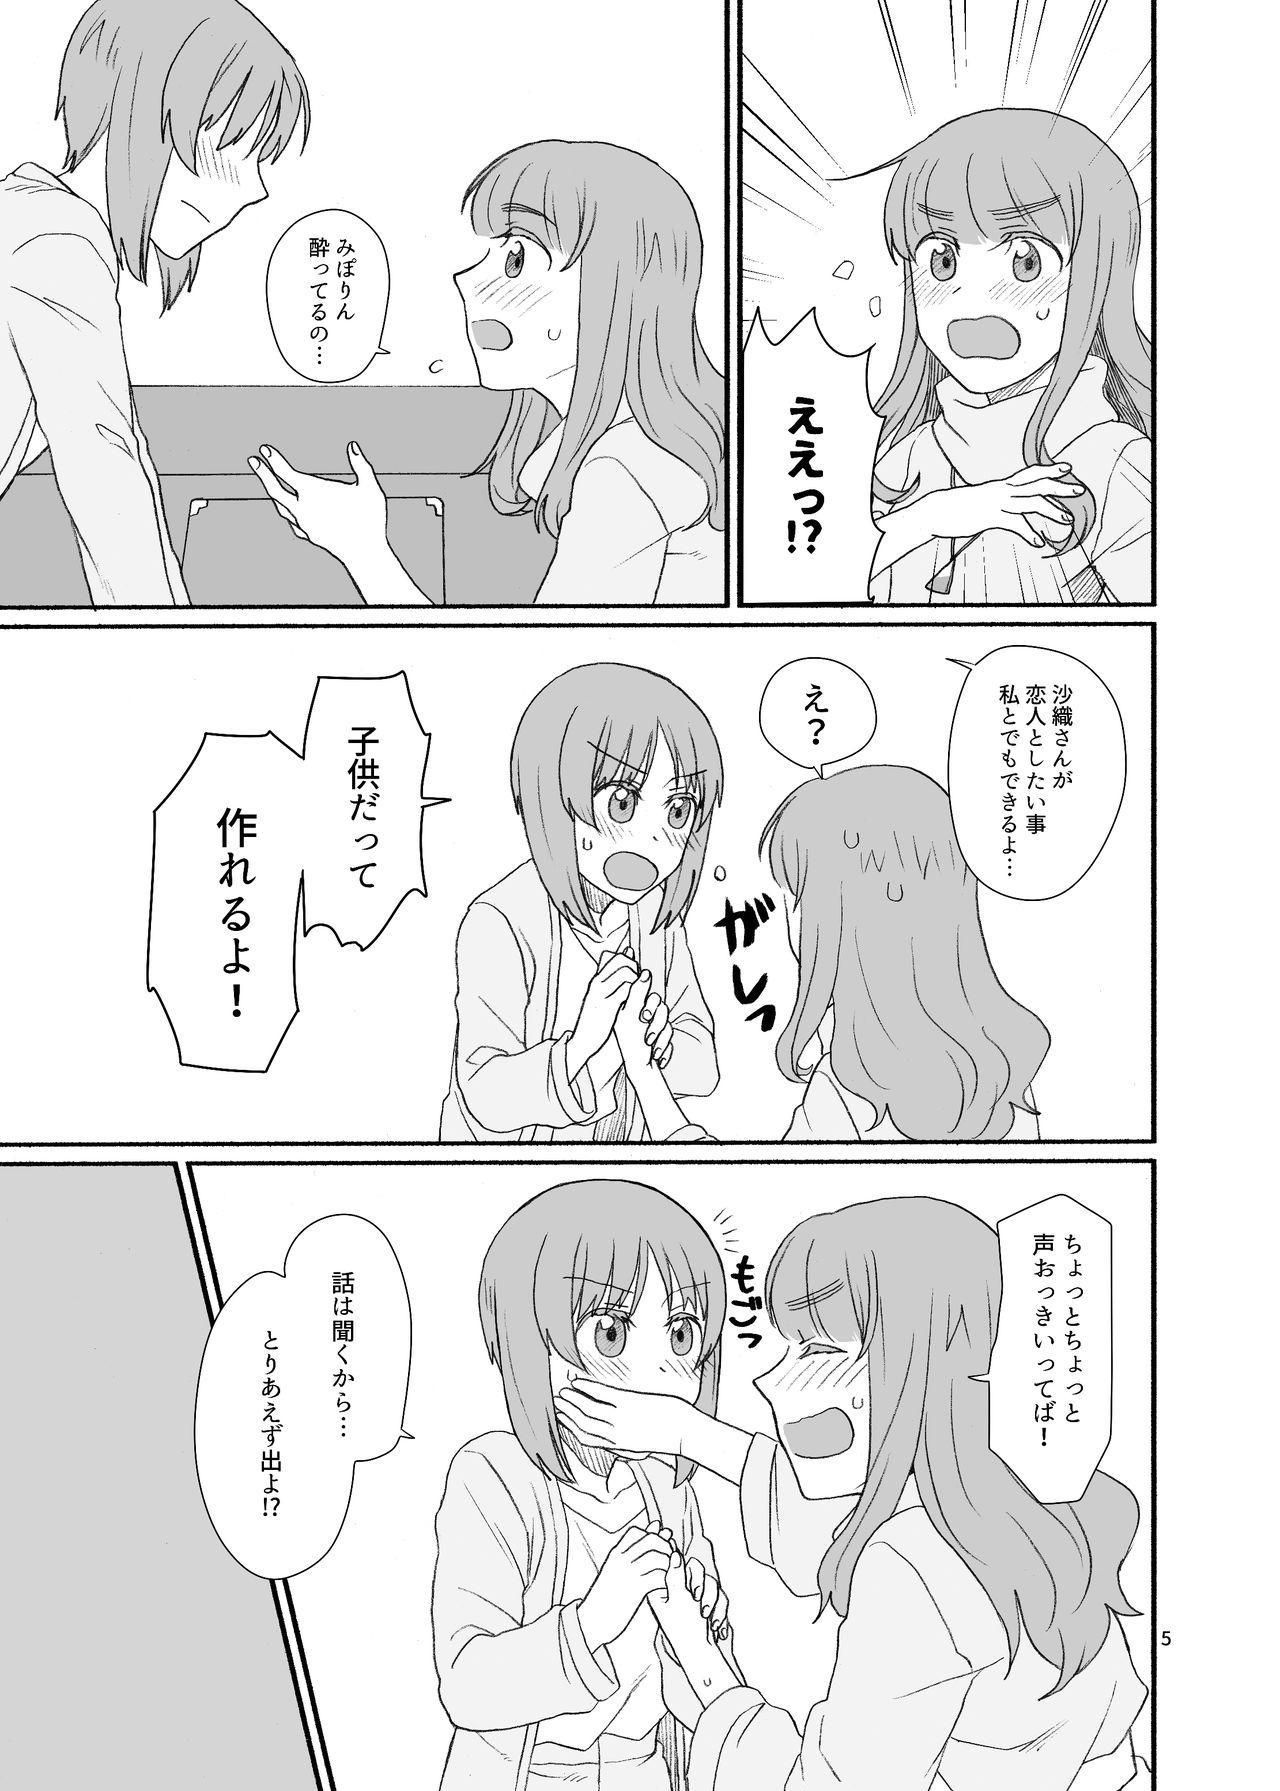 Saori-san, Tsukiatte Kudasai! 3